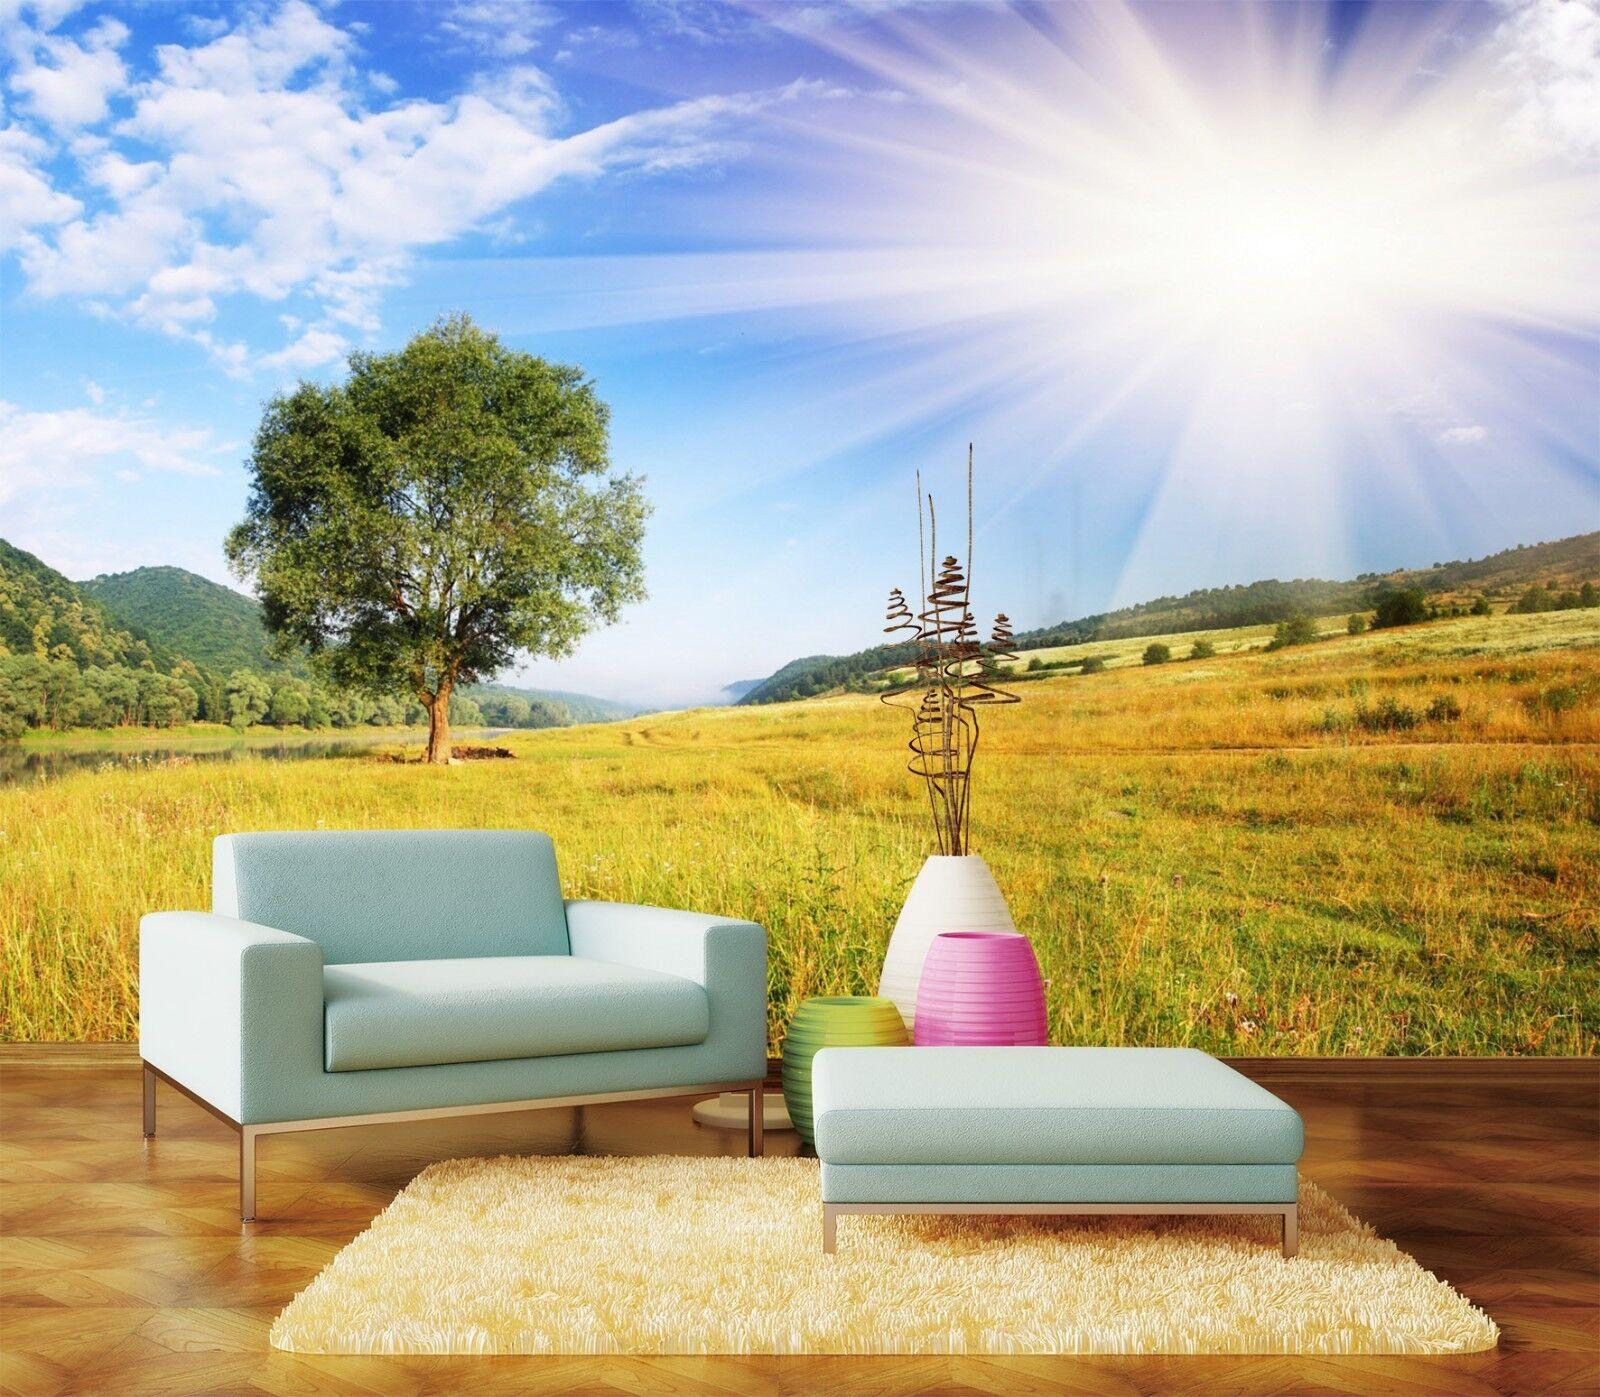 3D Sonniges Gras Himmel 993 Tapete Wandgemälde Tapeten Bild Familie DE Lemon | Offizielle Webseite  | München  | Maßstab ist der Grundstein, Qualität ist Säulenbalken, Preis ist Leiter